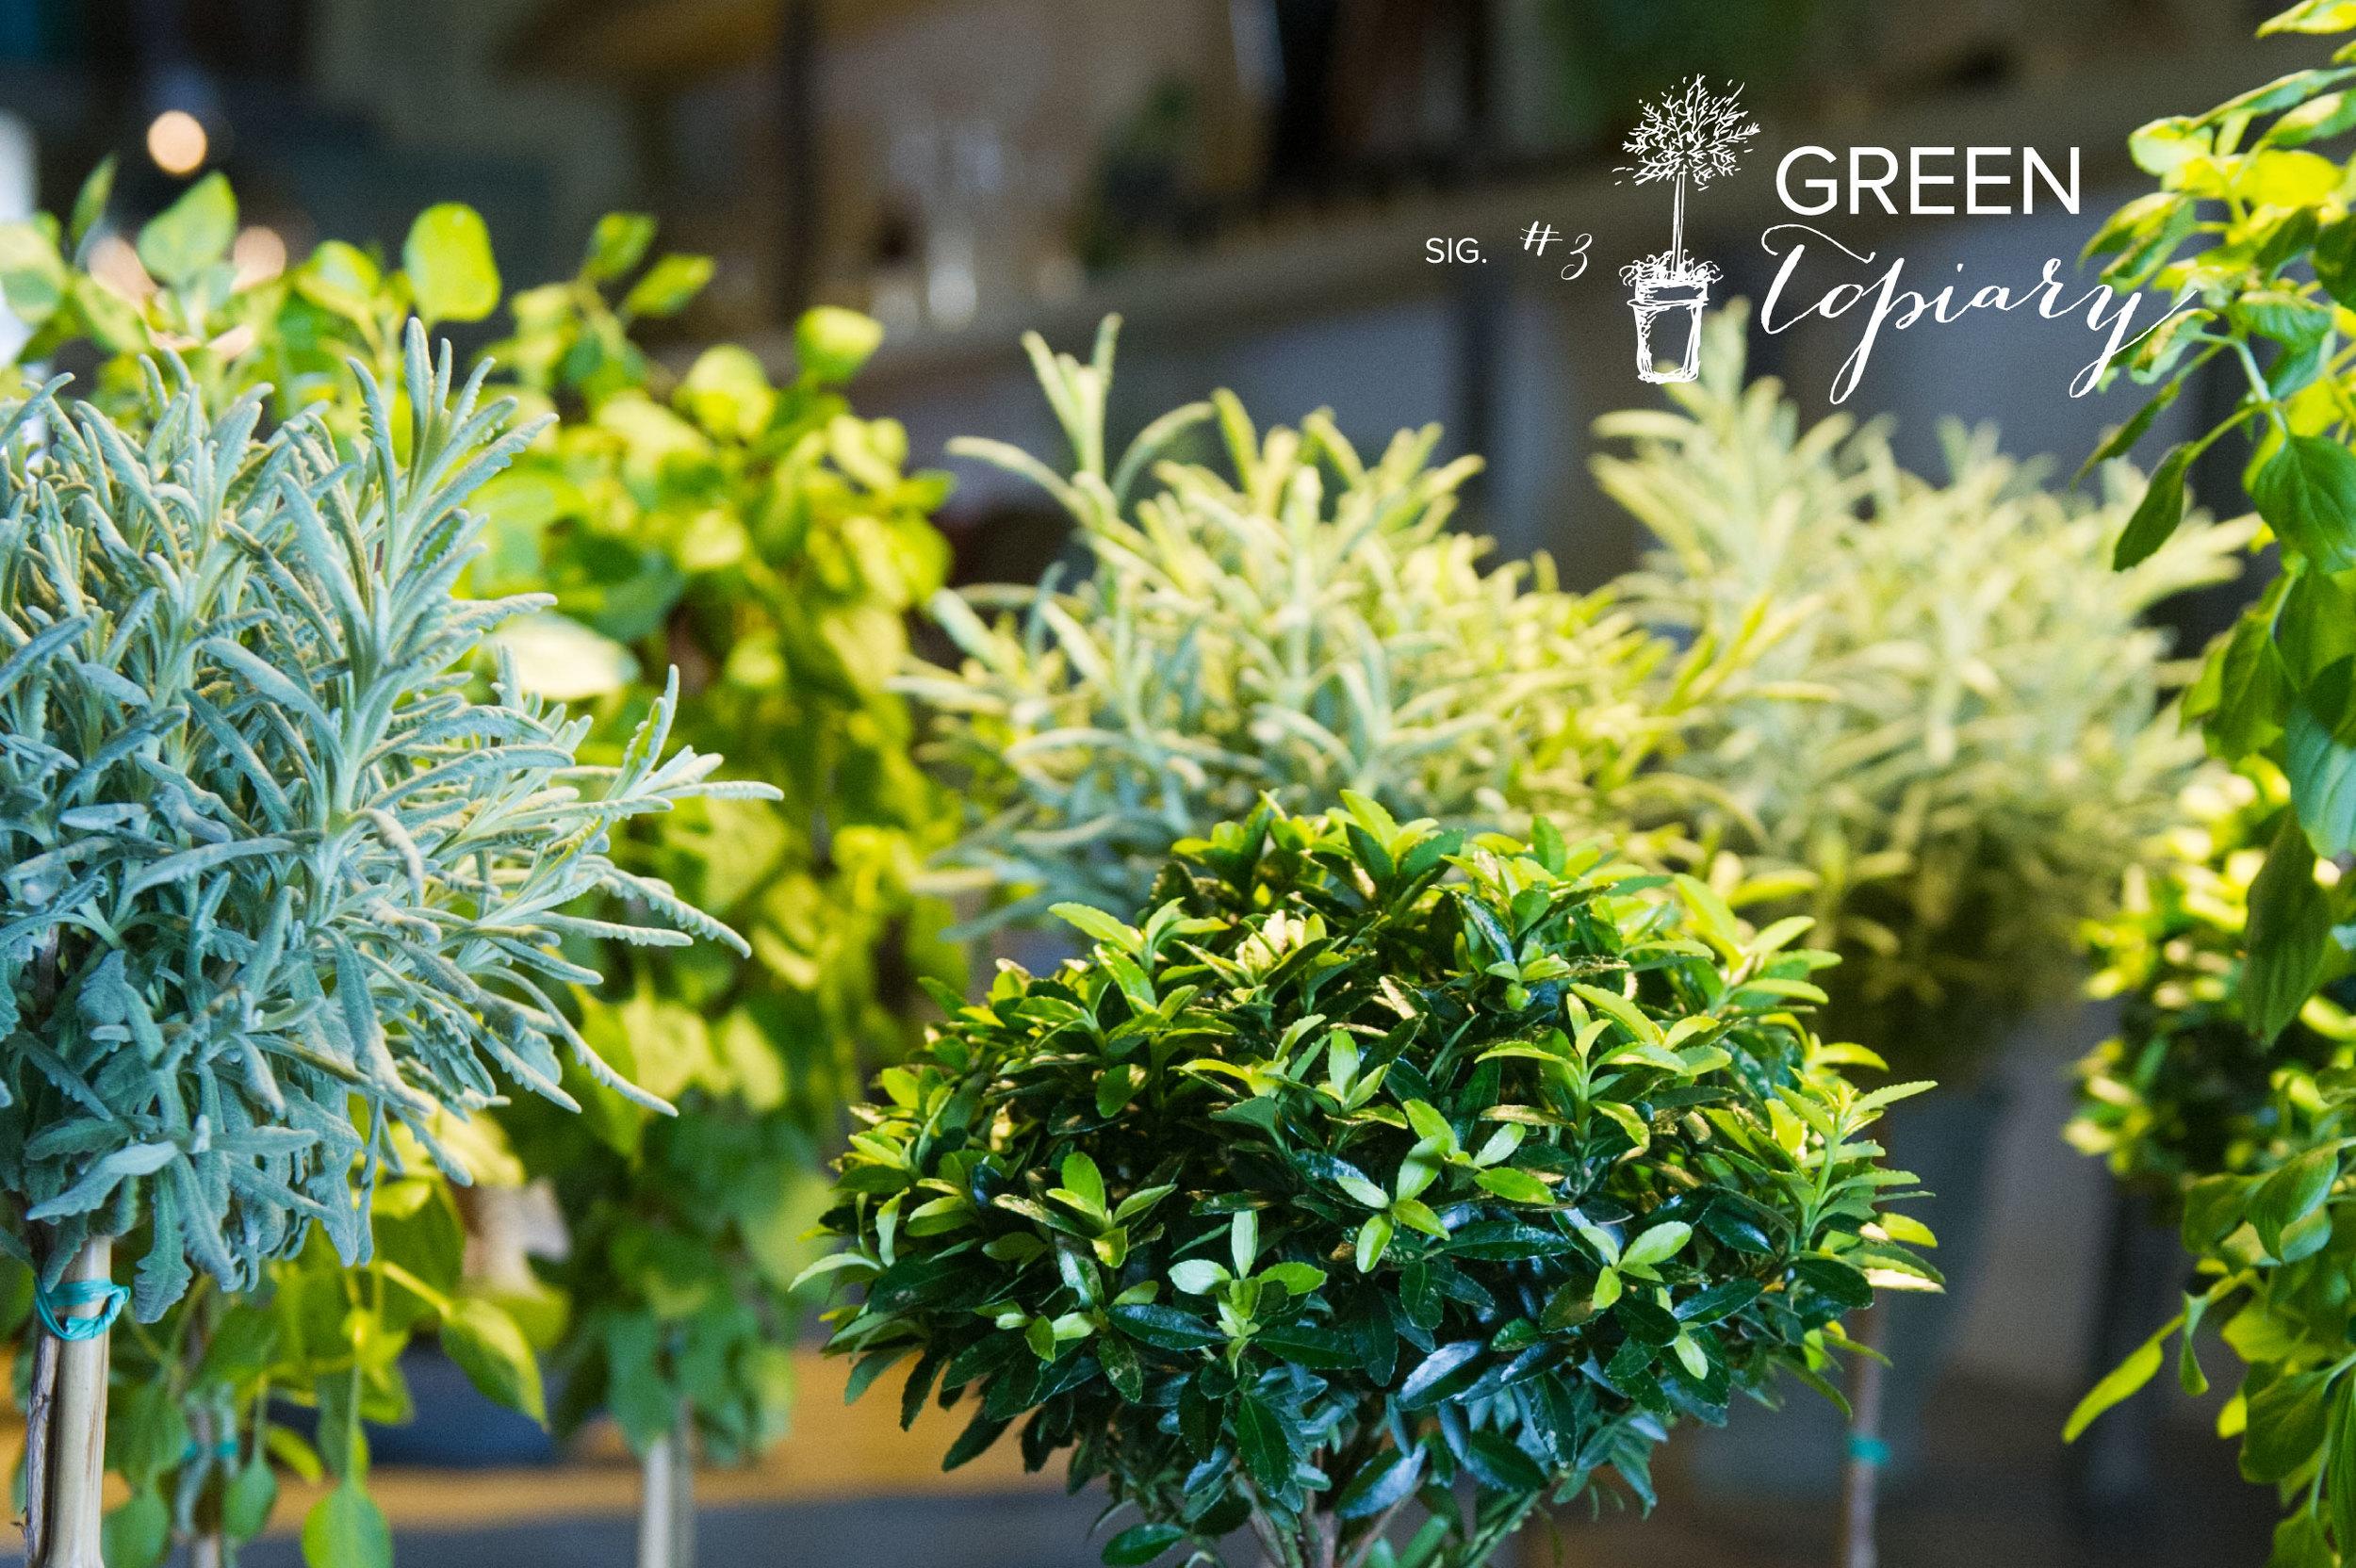 sig3_green-topiary.jpg